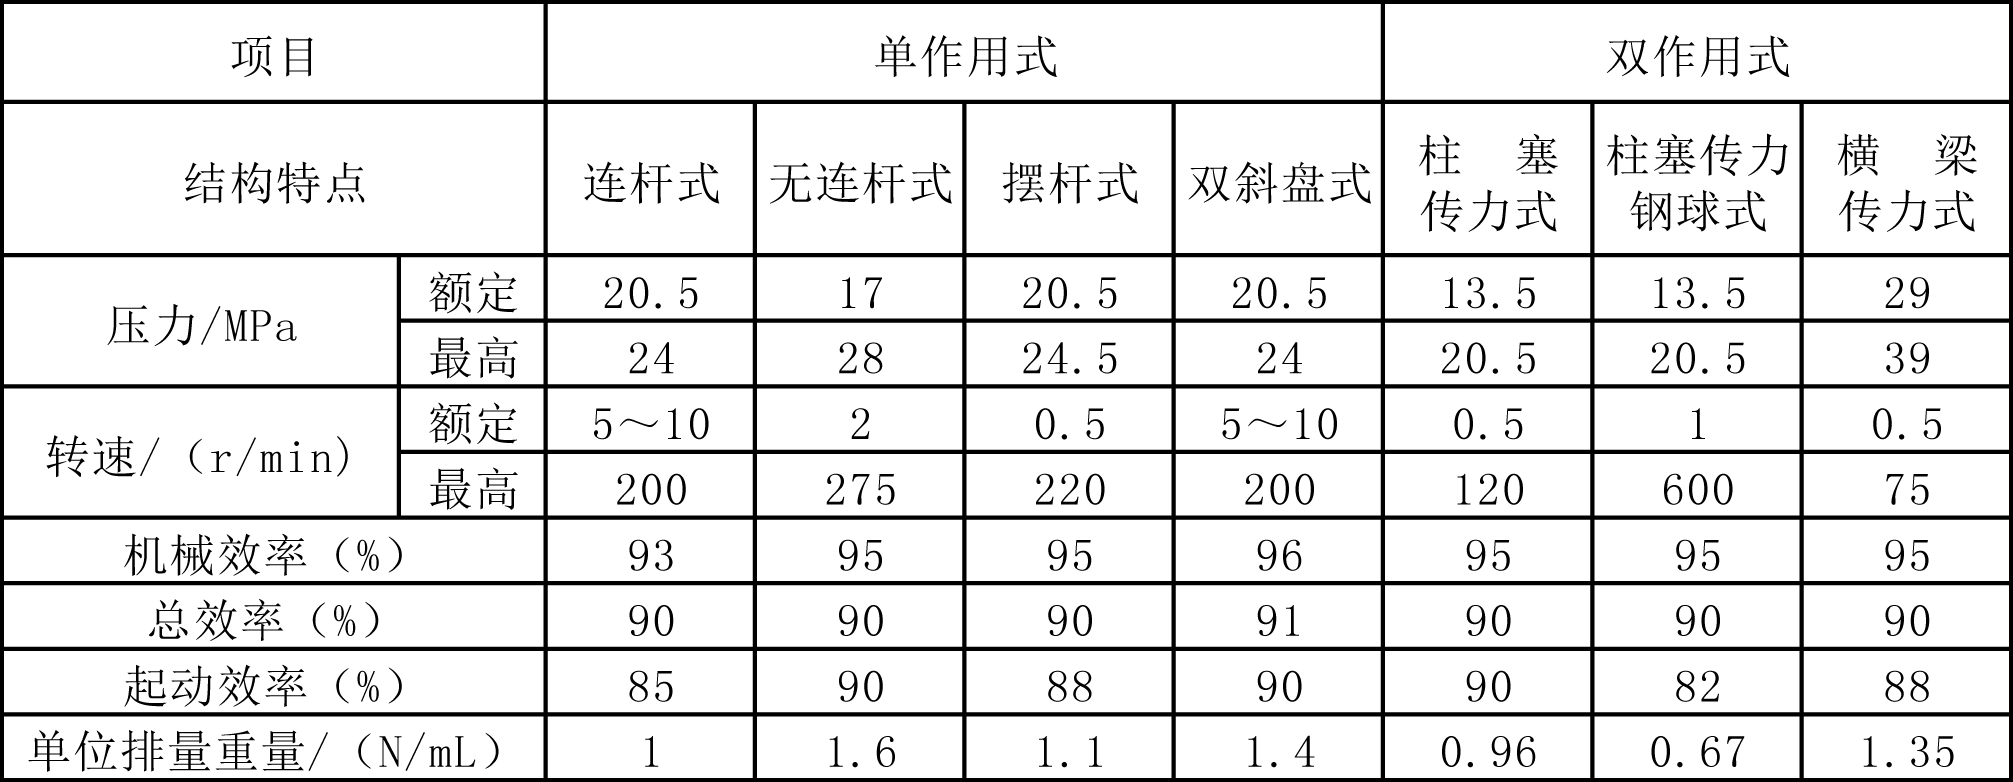 各类低速液压马达主要性能参数